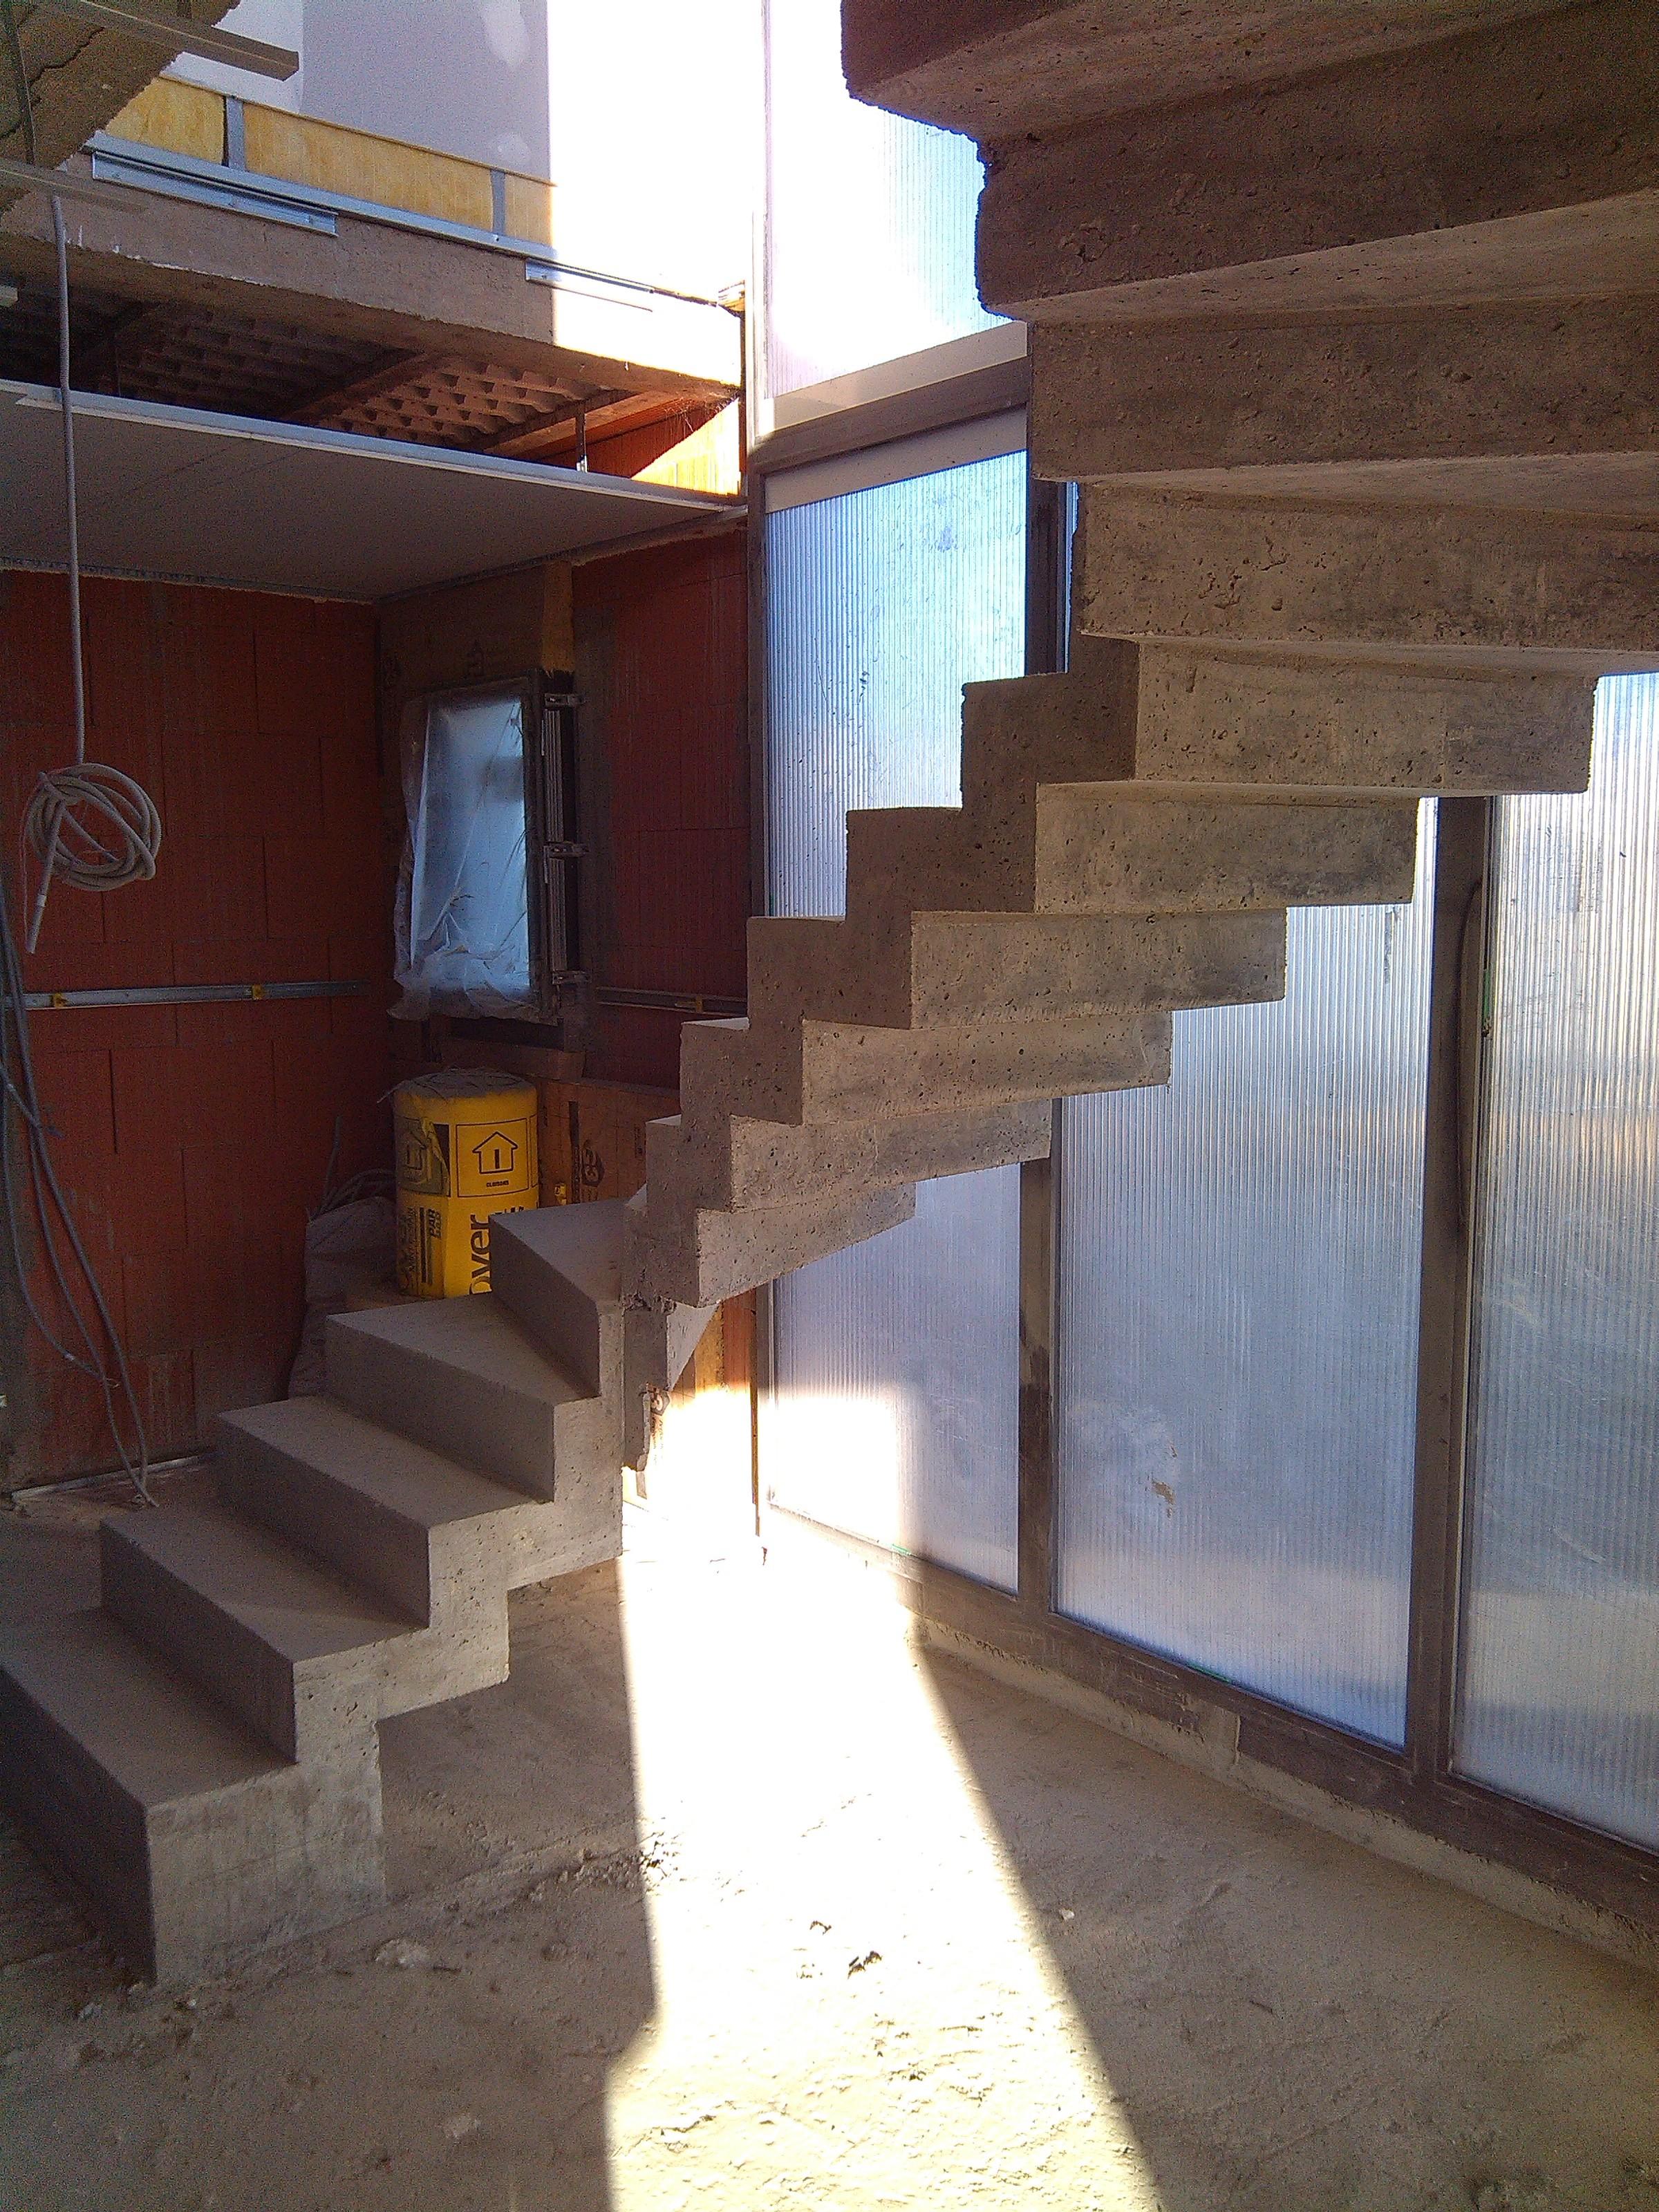 magnifique escalier crémaillère deux quart tournant en béton brut de décoffrage  à Castanet tolosan dans le département de la Haute Garonne en Ocitanie.  pour un particulier